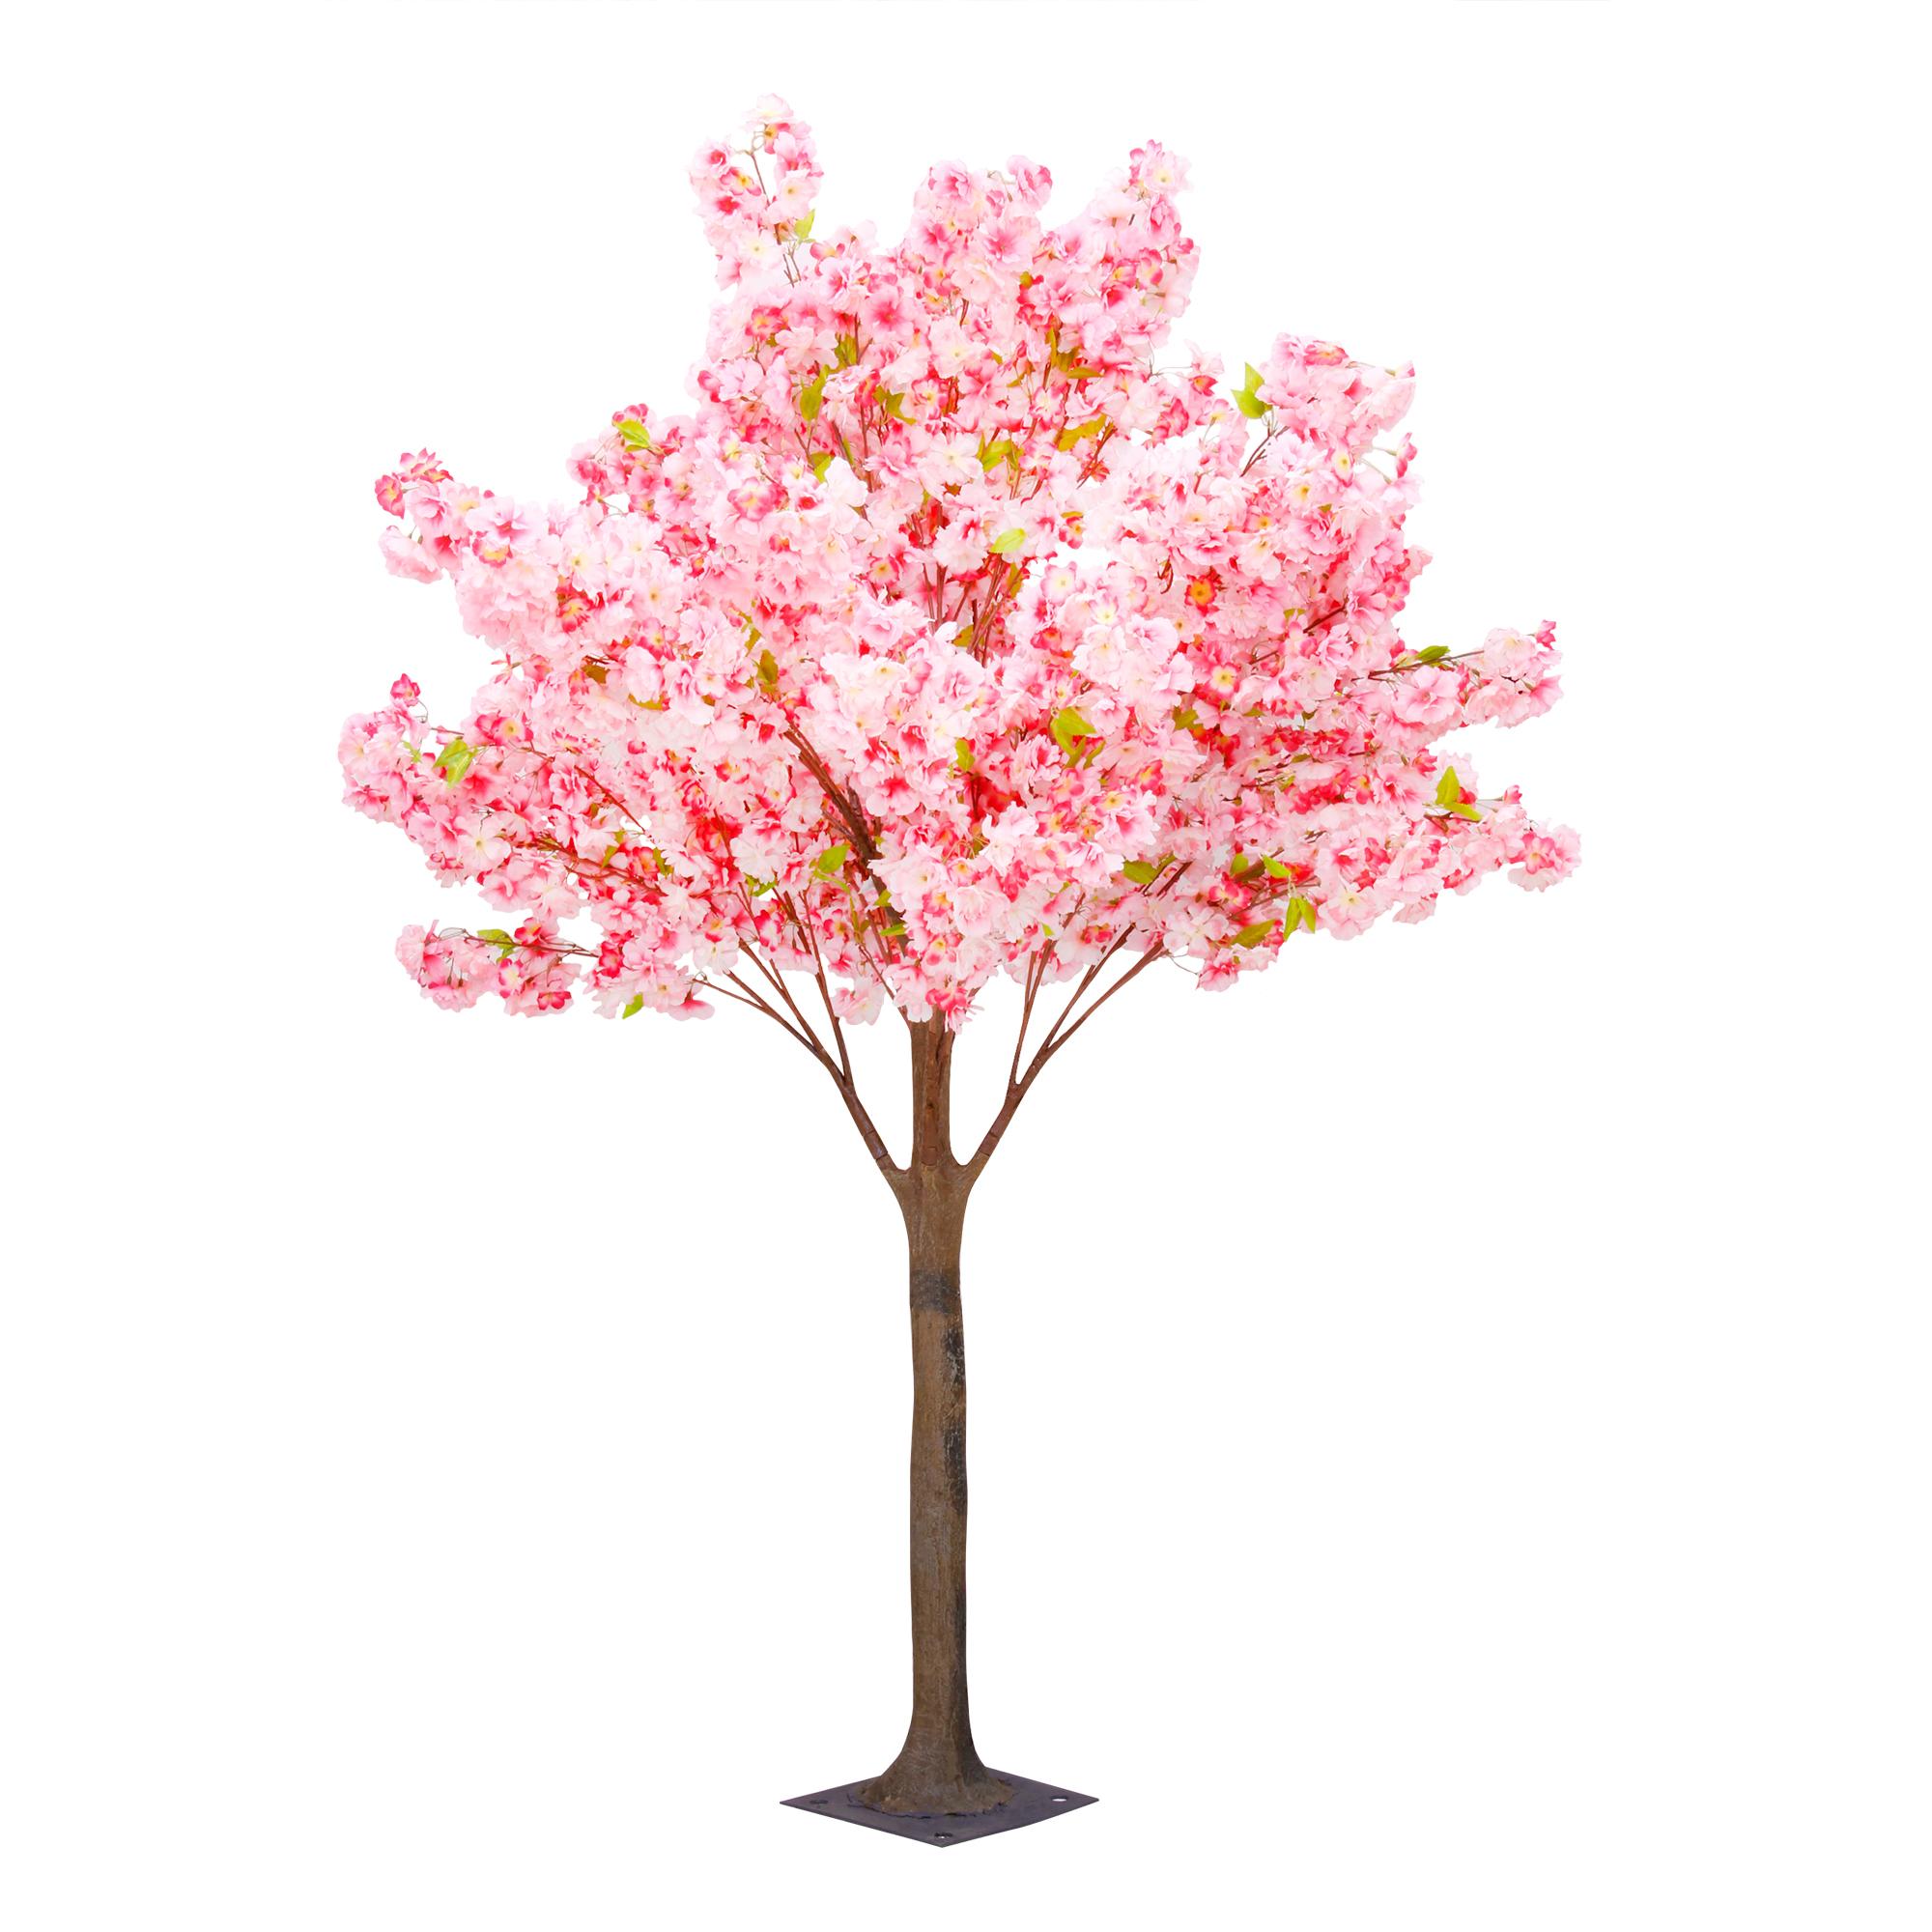 Дерево искусственное цветущее  Beijing shenglin 1.8м розового цвета